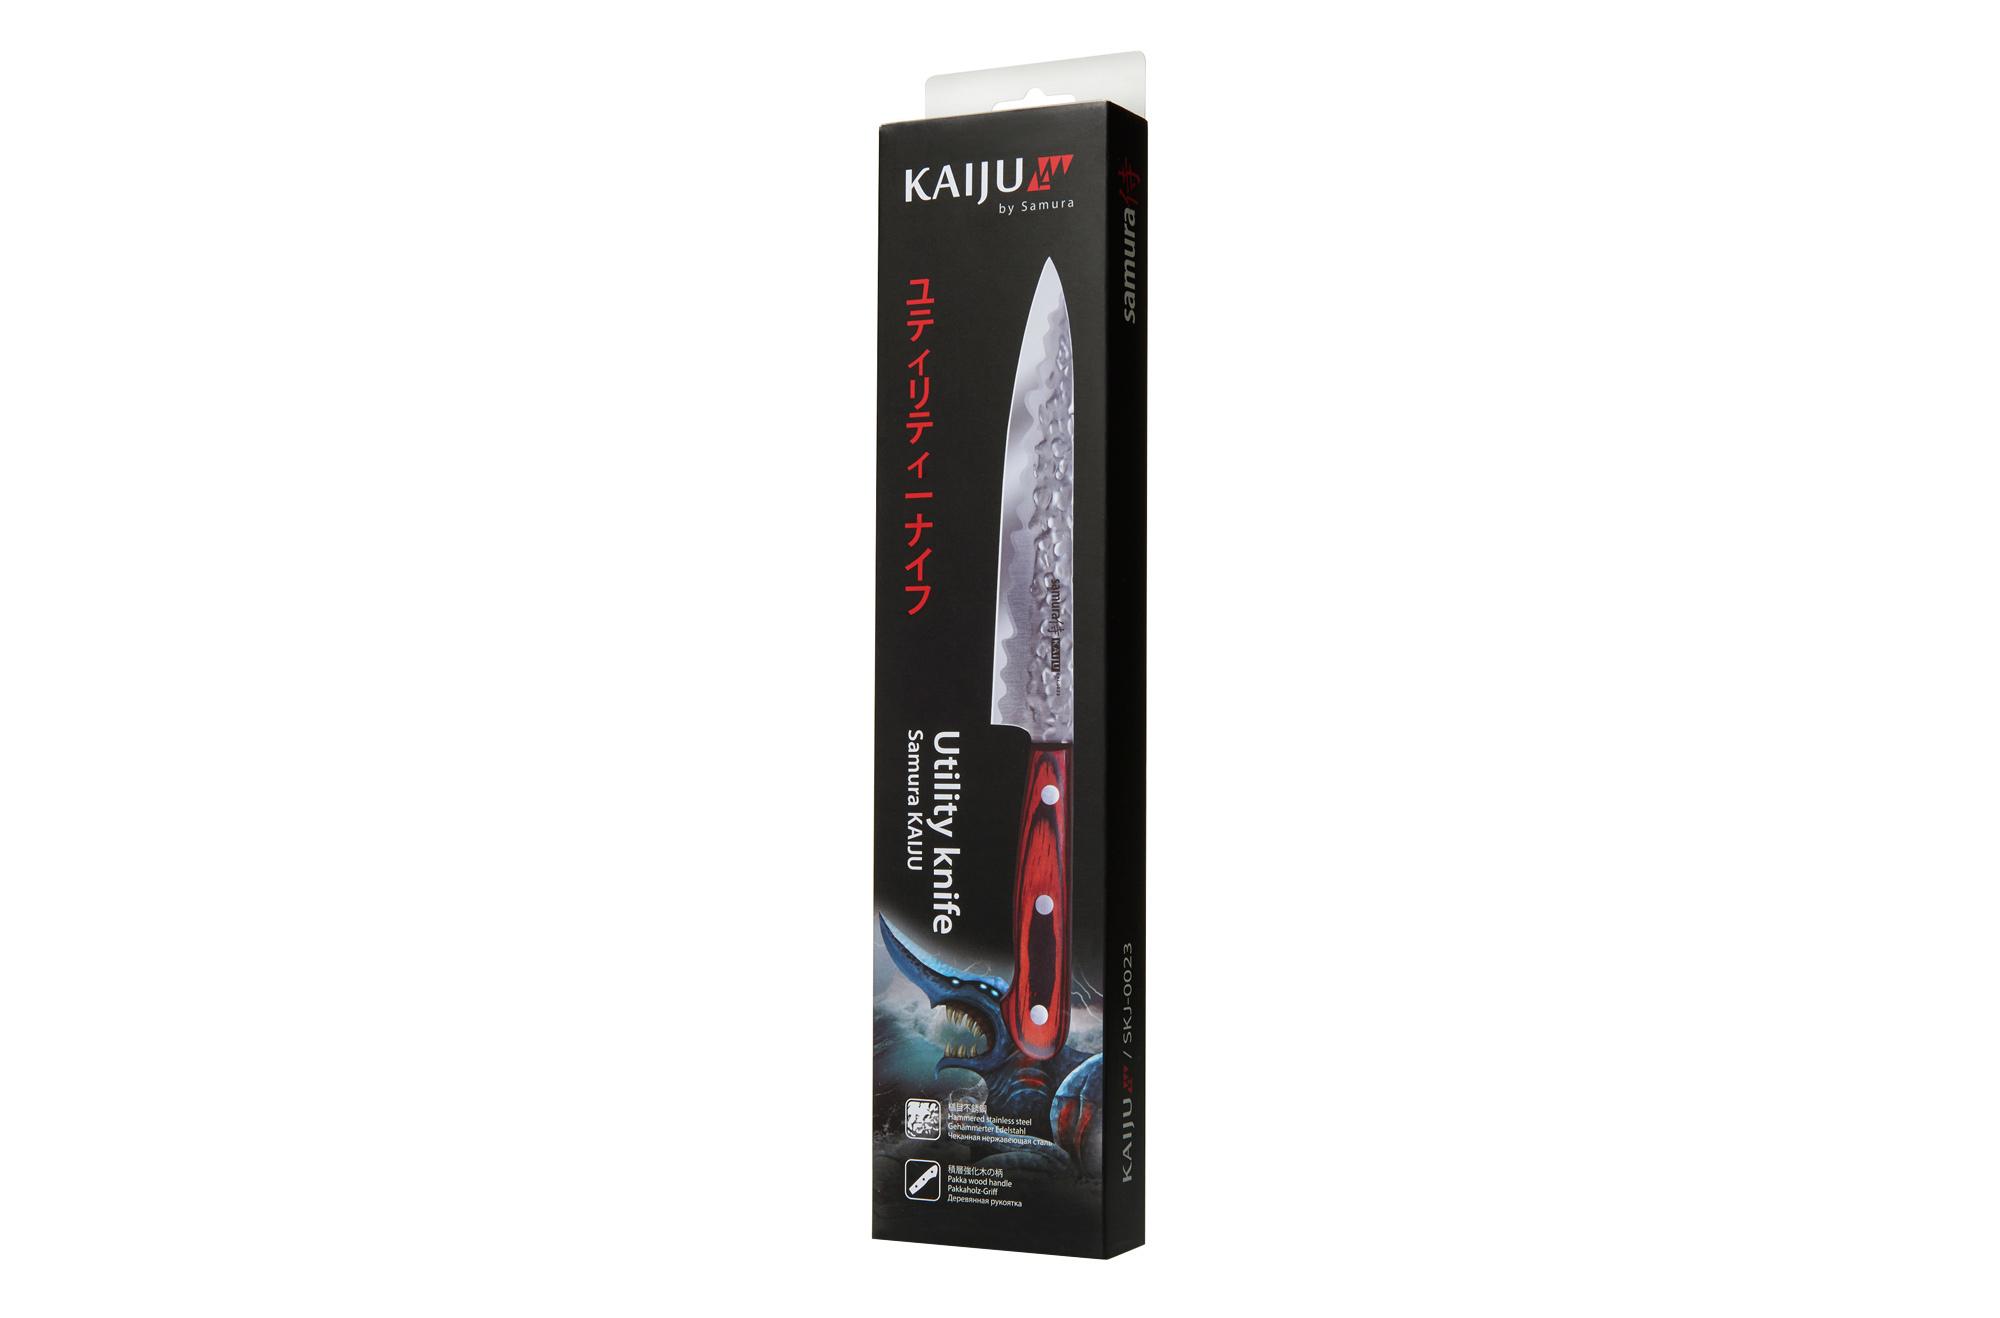 Фото 7 - Нож кухонный Samura KAIJU универсальный - SKJ-0023, сталь AUS-8, рукоять дерево, 150 мм